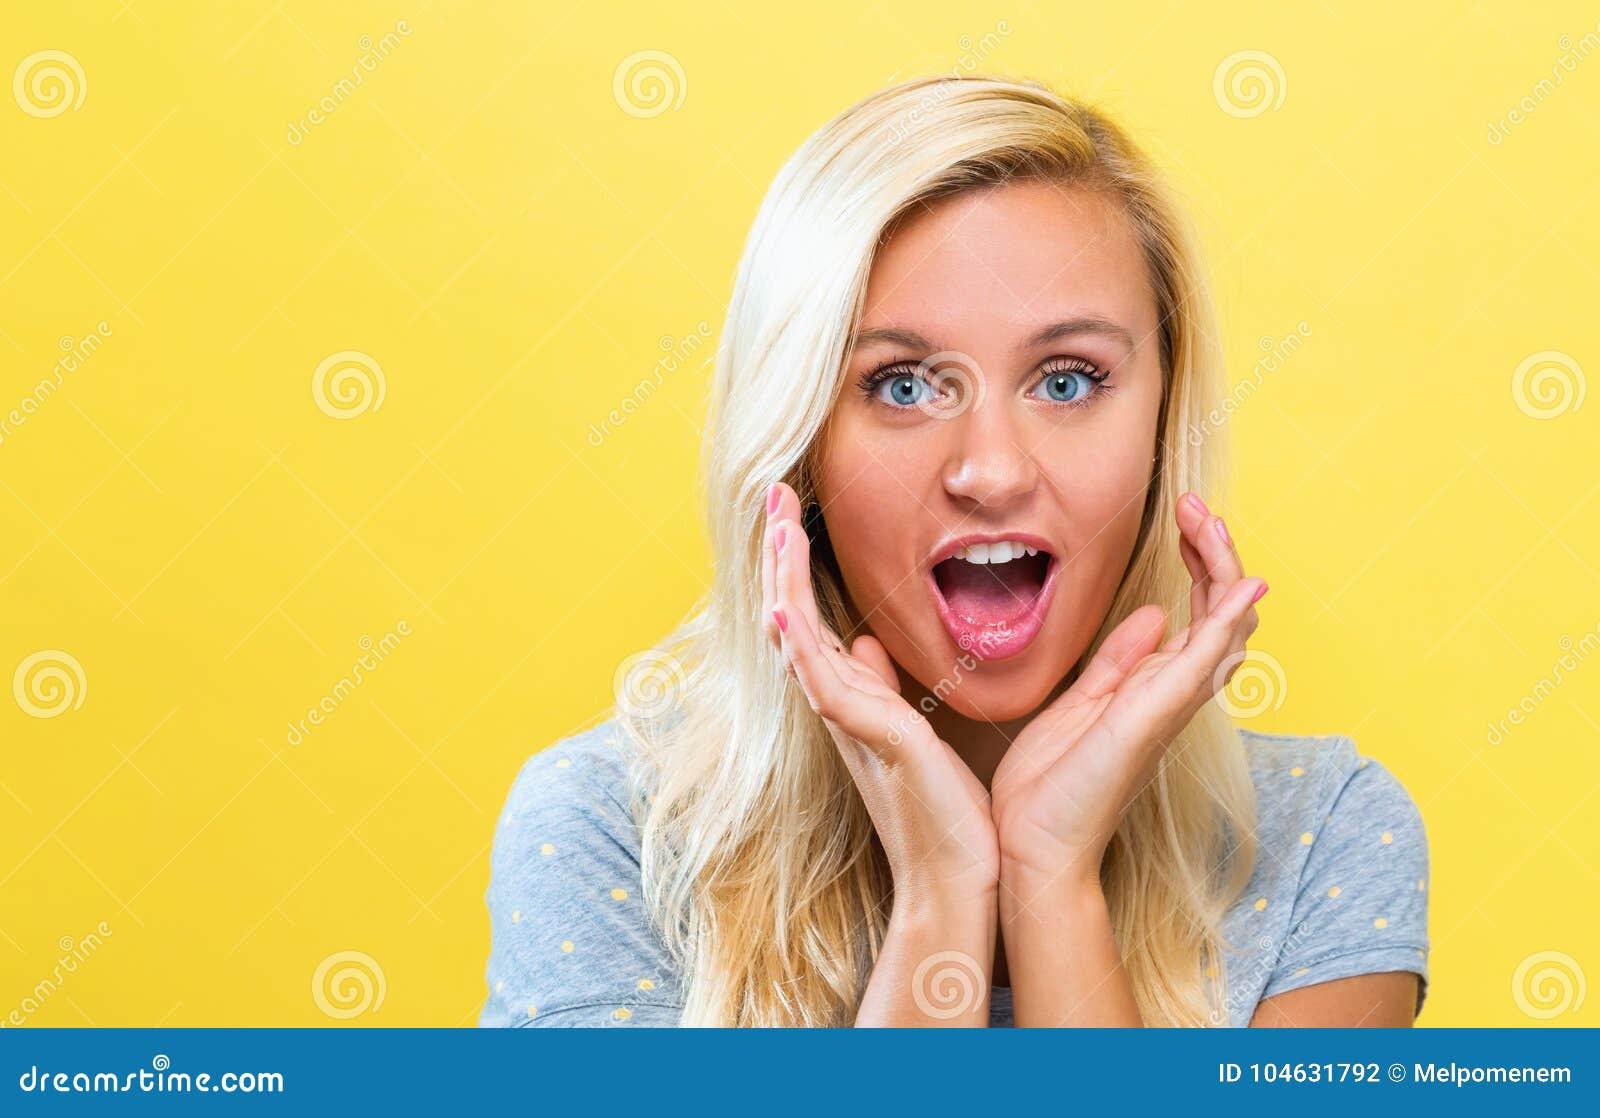 Download Het Verraste Jonge Vrouw Stellen Op Een Stevige Achtergrond Stock Foto - Afbeelding bestaande uit solid, portret: 104631792